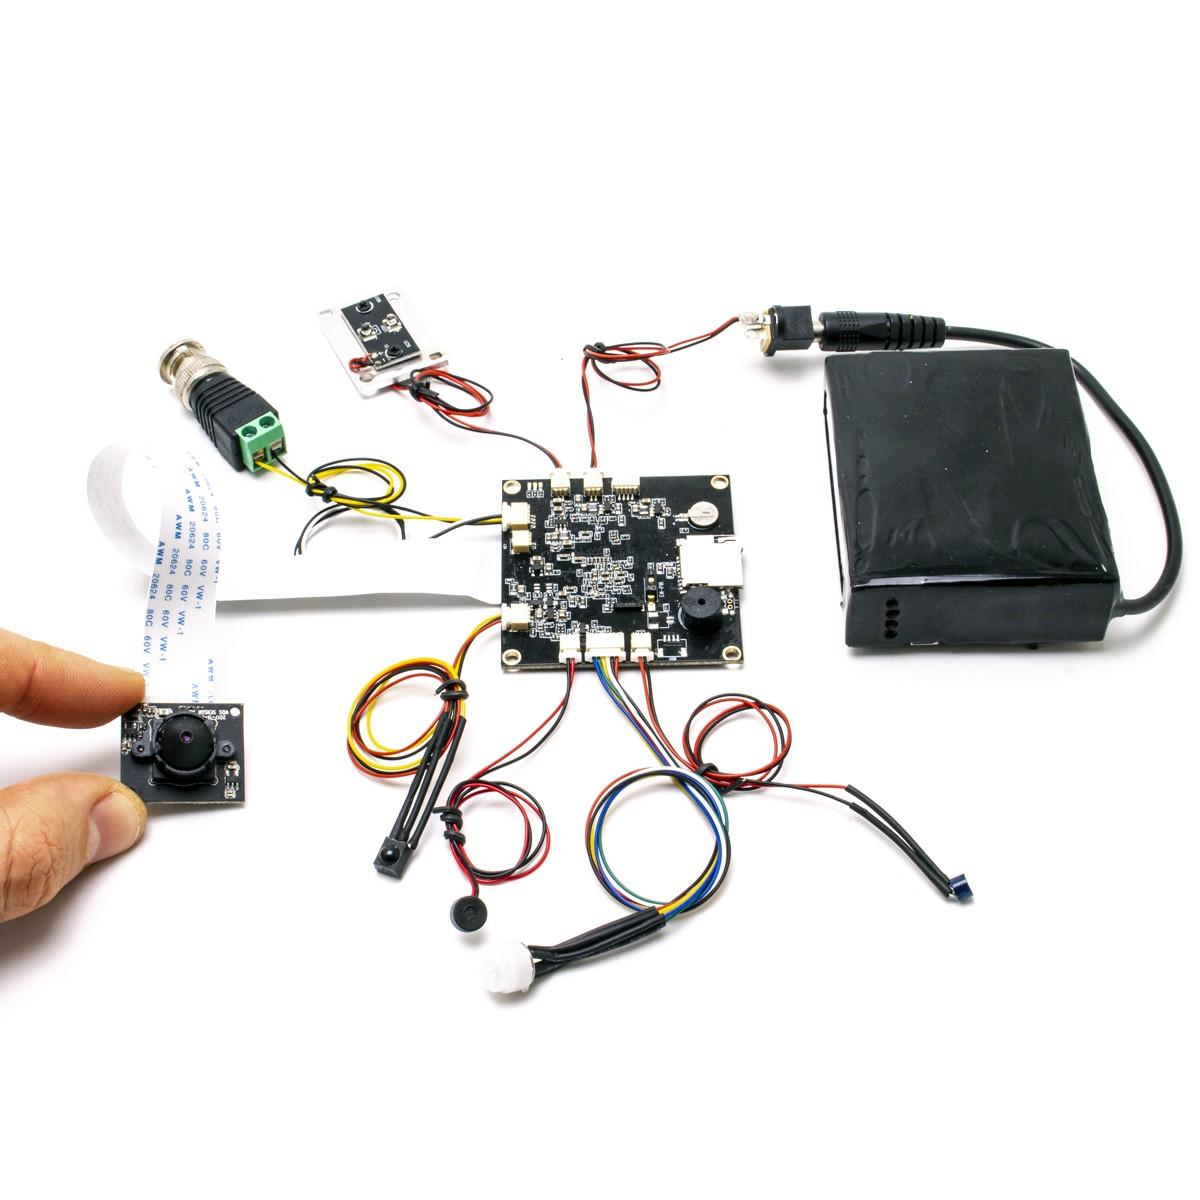 Module à intégrer avec micro caméra 5 Mpx et enregistrement UHD 4K